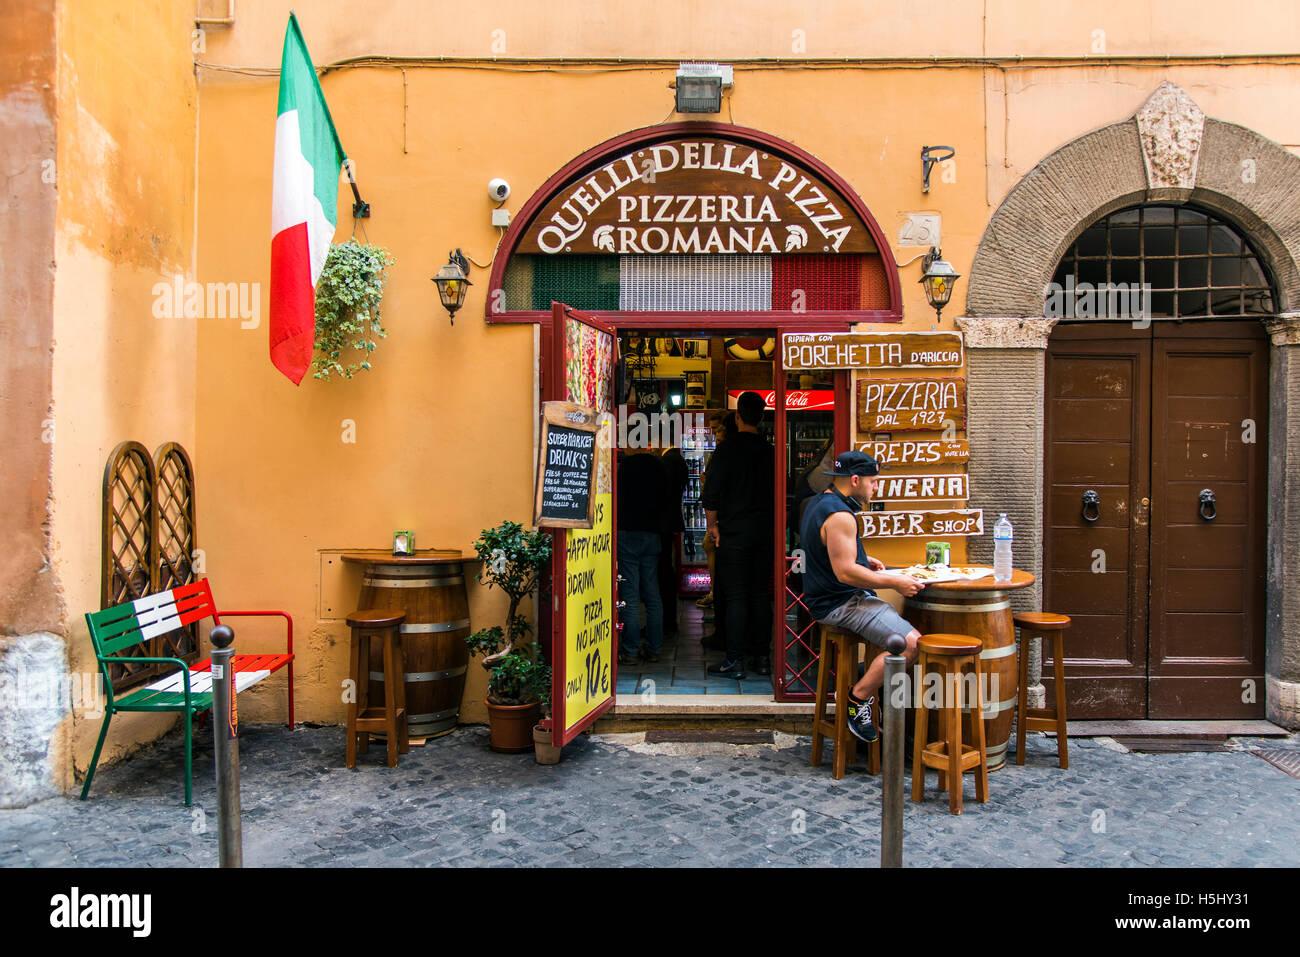 Restaurant pizzeria avec drapeau italien, Rome, Latium, Italie Photo Stock